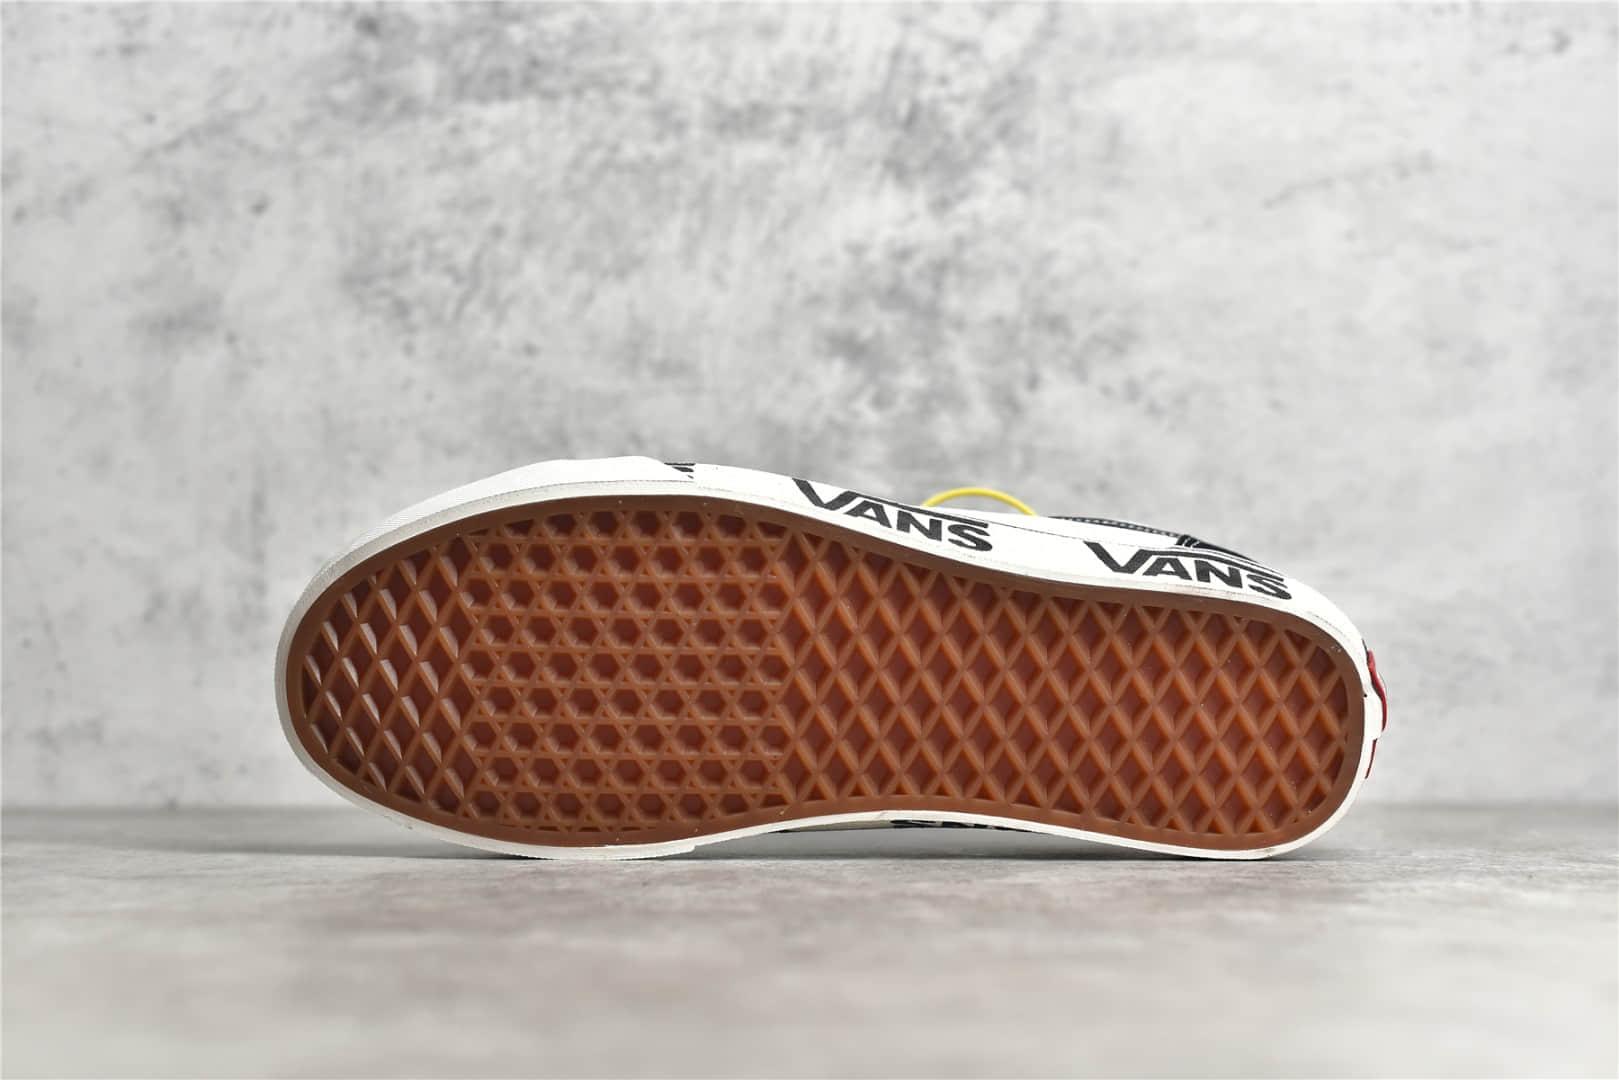 万斯半月包头黑白低帮帆布鞋 万斯真标硫化纯原版本 Vans Style 36黑白色 货号:VN0A3ZCJ9IG-潮流者之家